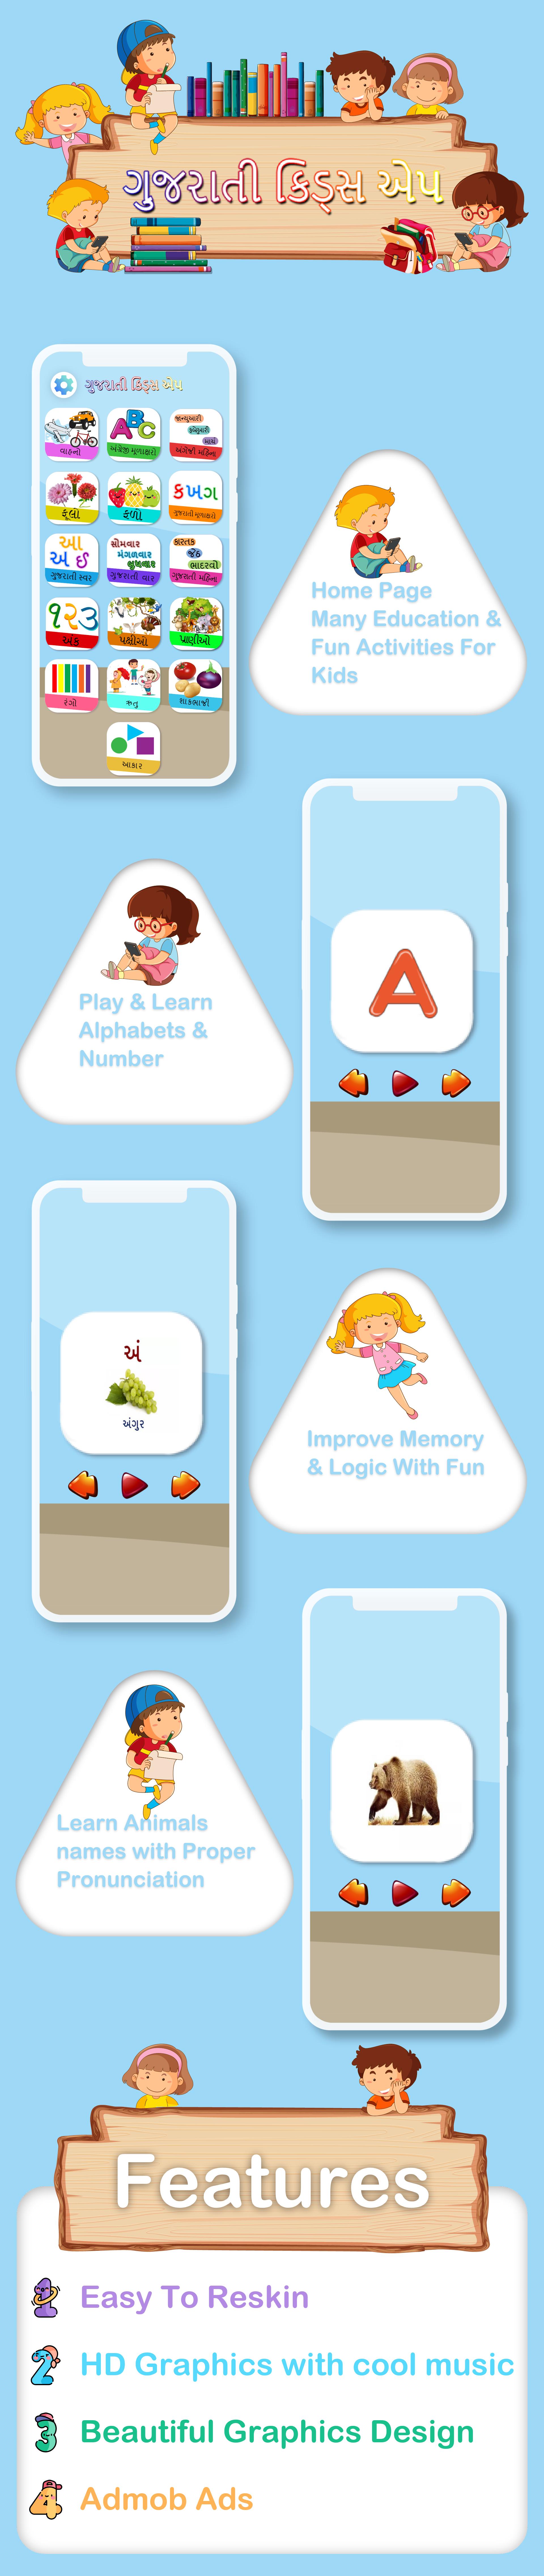 Gujarati kids learning -Preschool Kids learning game - Best Kids Pre School Learning Game -Education - 1